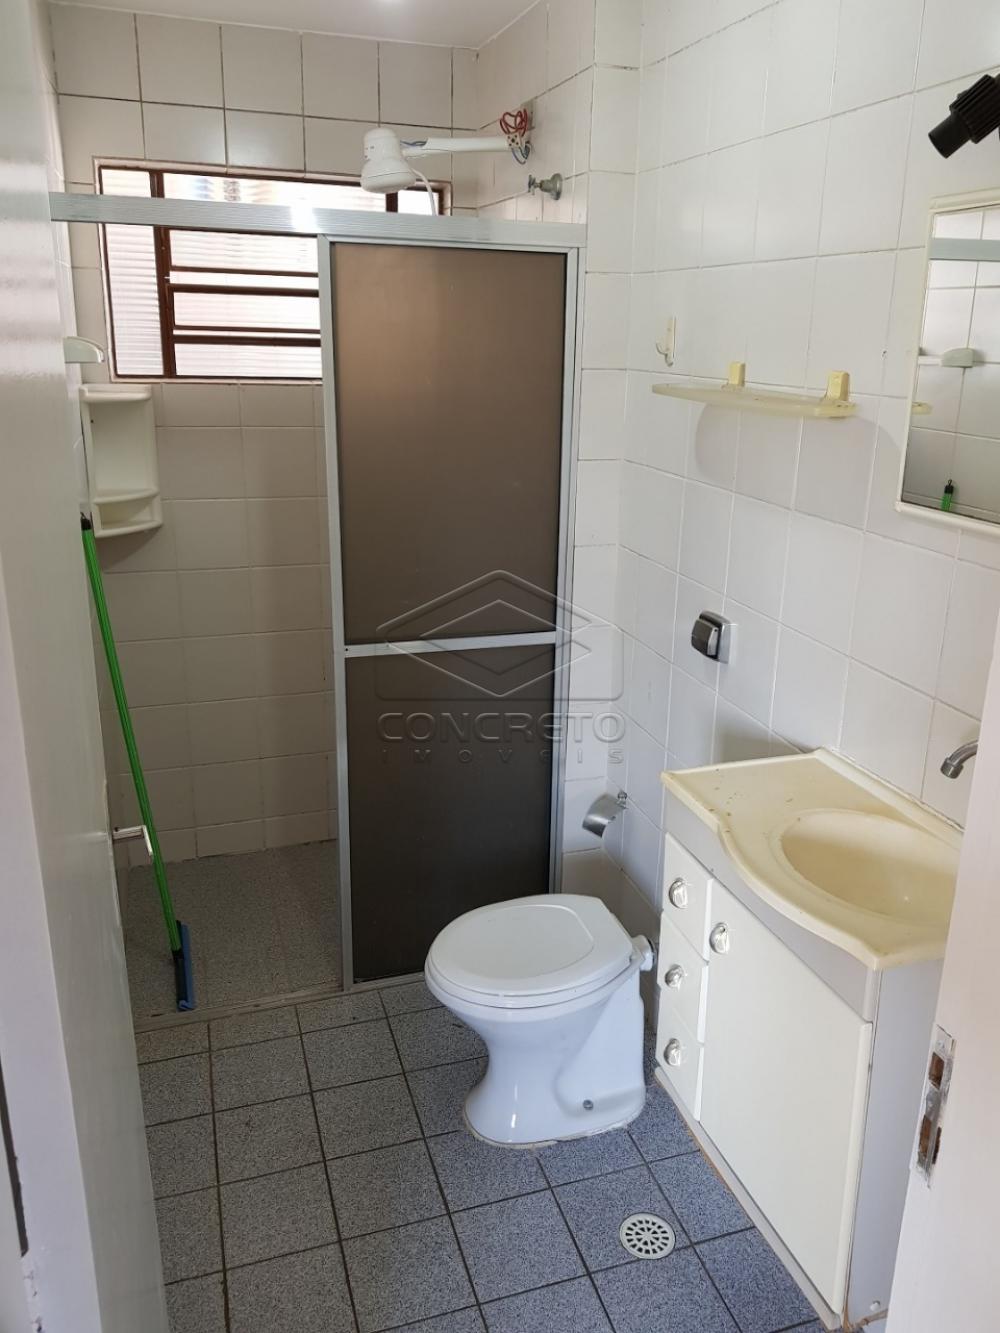 Comprar Apartamento / Padrão em Bauru R$ 113.000,00 - Foto 13